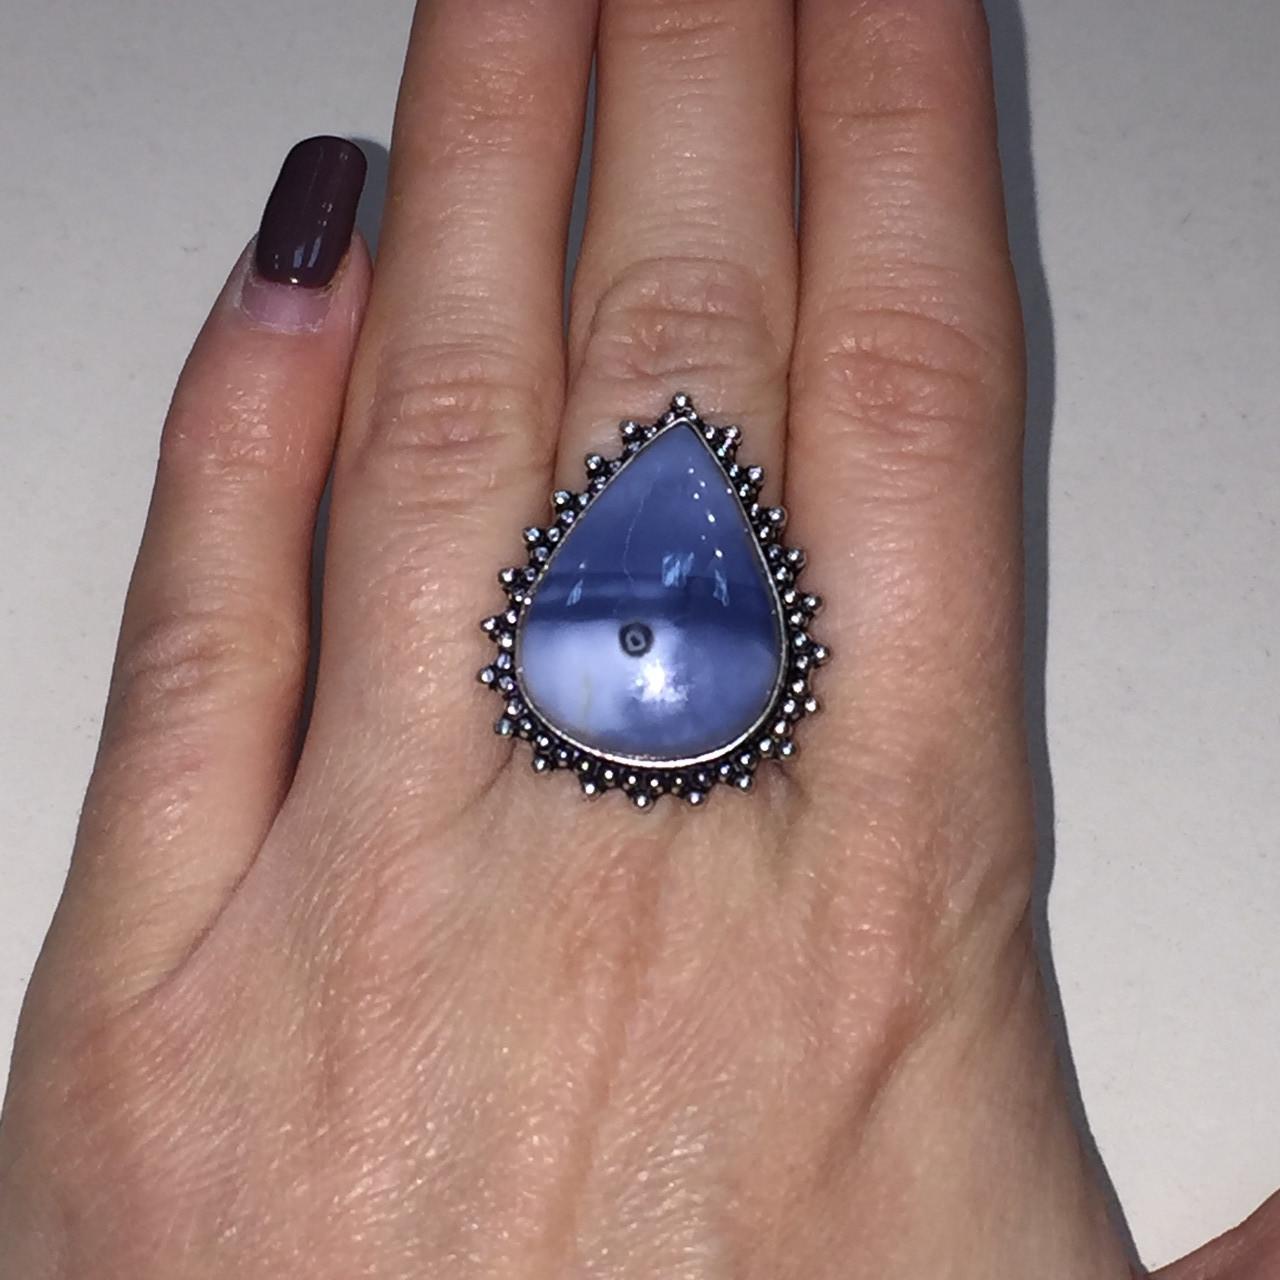 Кольцо капля опал редкий голубой опал Овайхи (Owyhee) размер 18-18,5 кольцо с опалом в серебре Индия